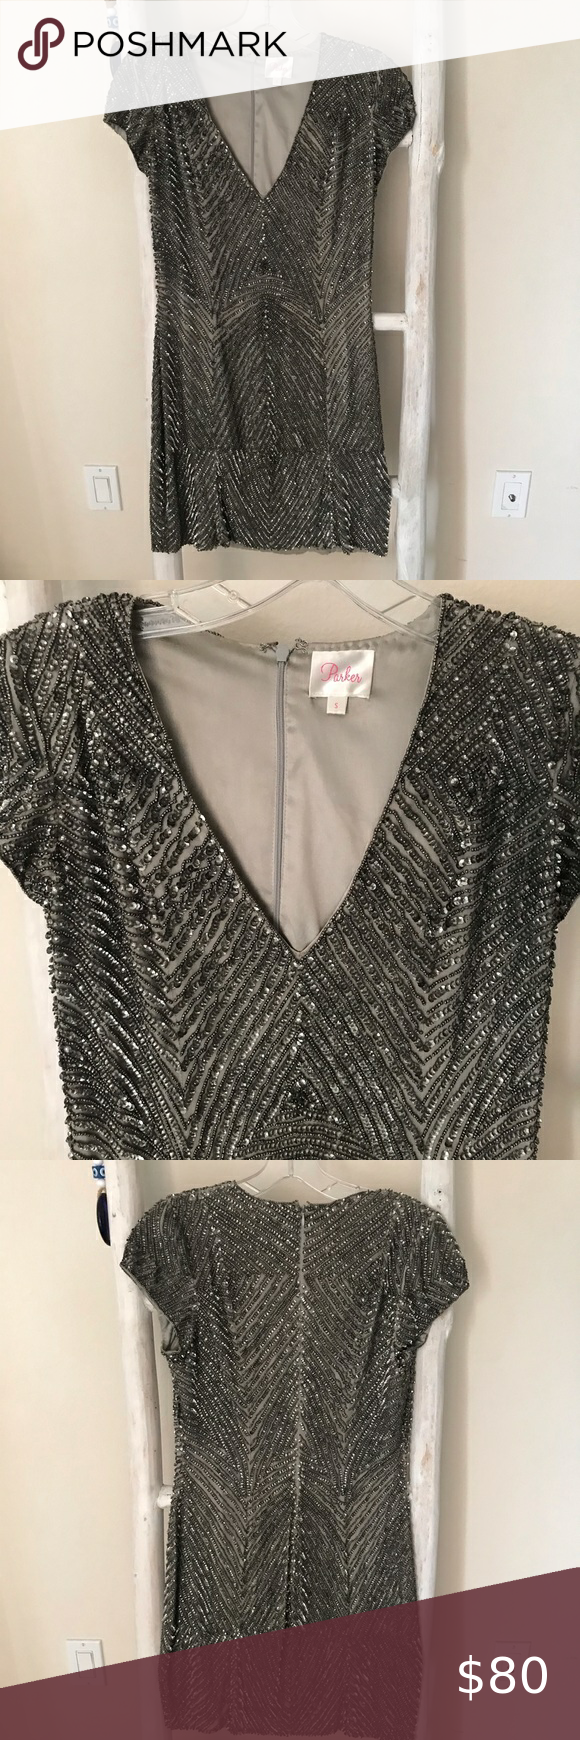 Parker Sequins Dress Sequins Dress Sequin mini dre